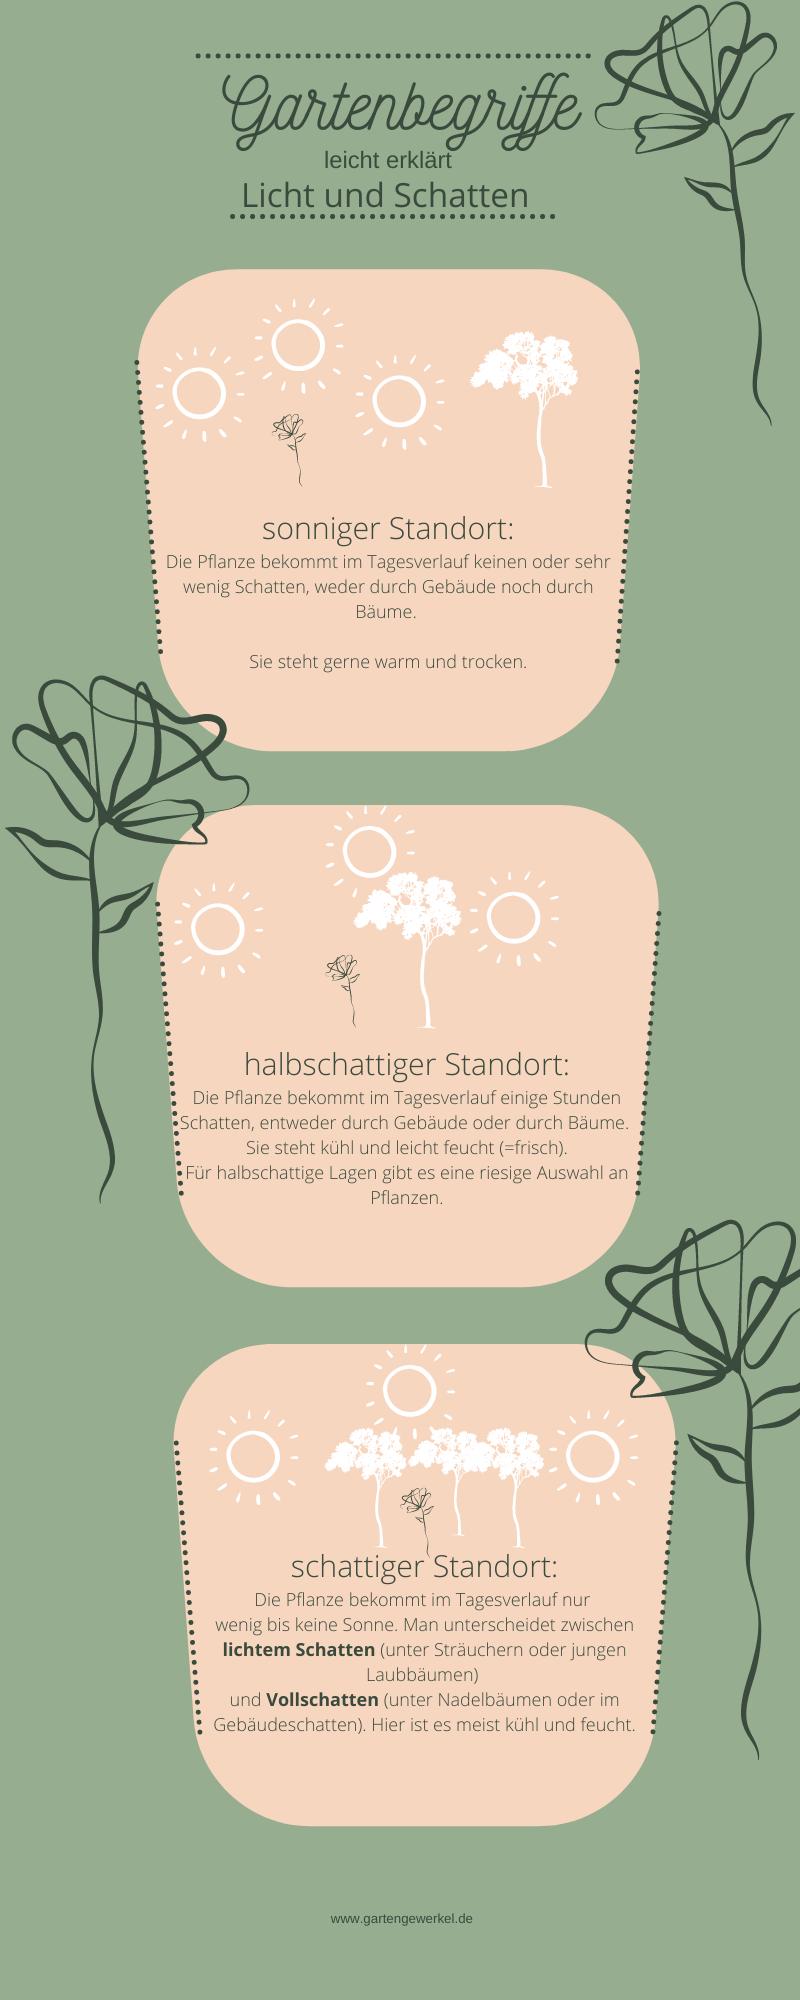 Gartenbegriffe leicht erklärt Licht und Schatten Sonniger Standort Halbschattiger Standort schattiger Standort